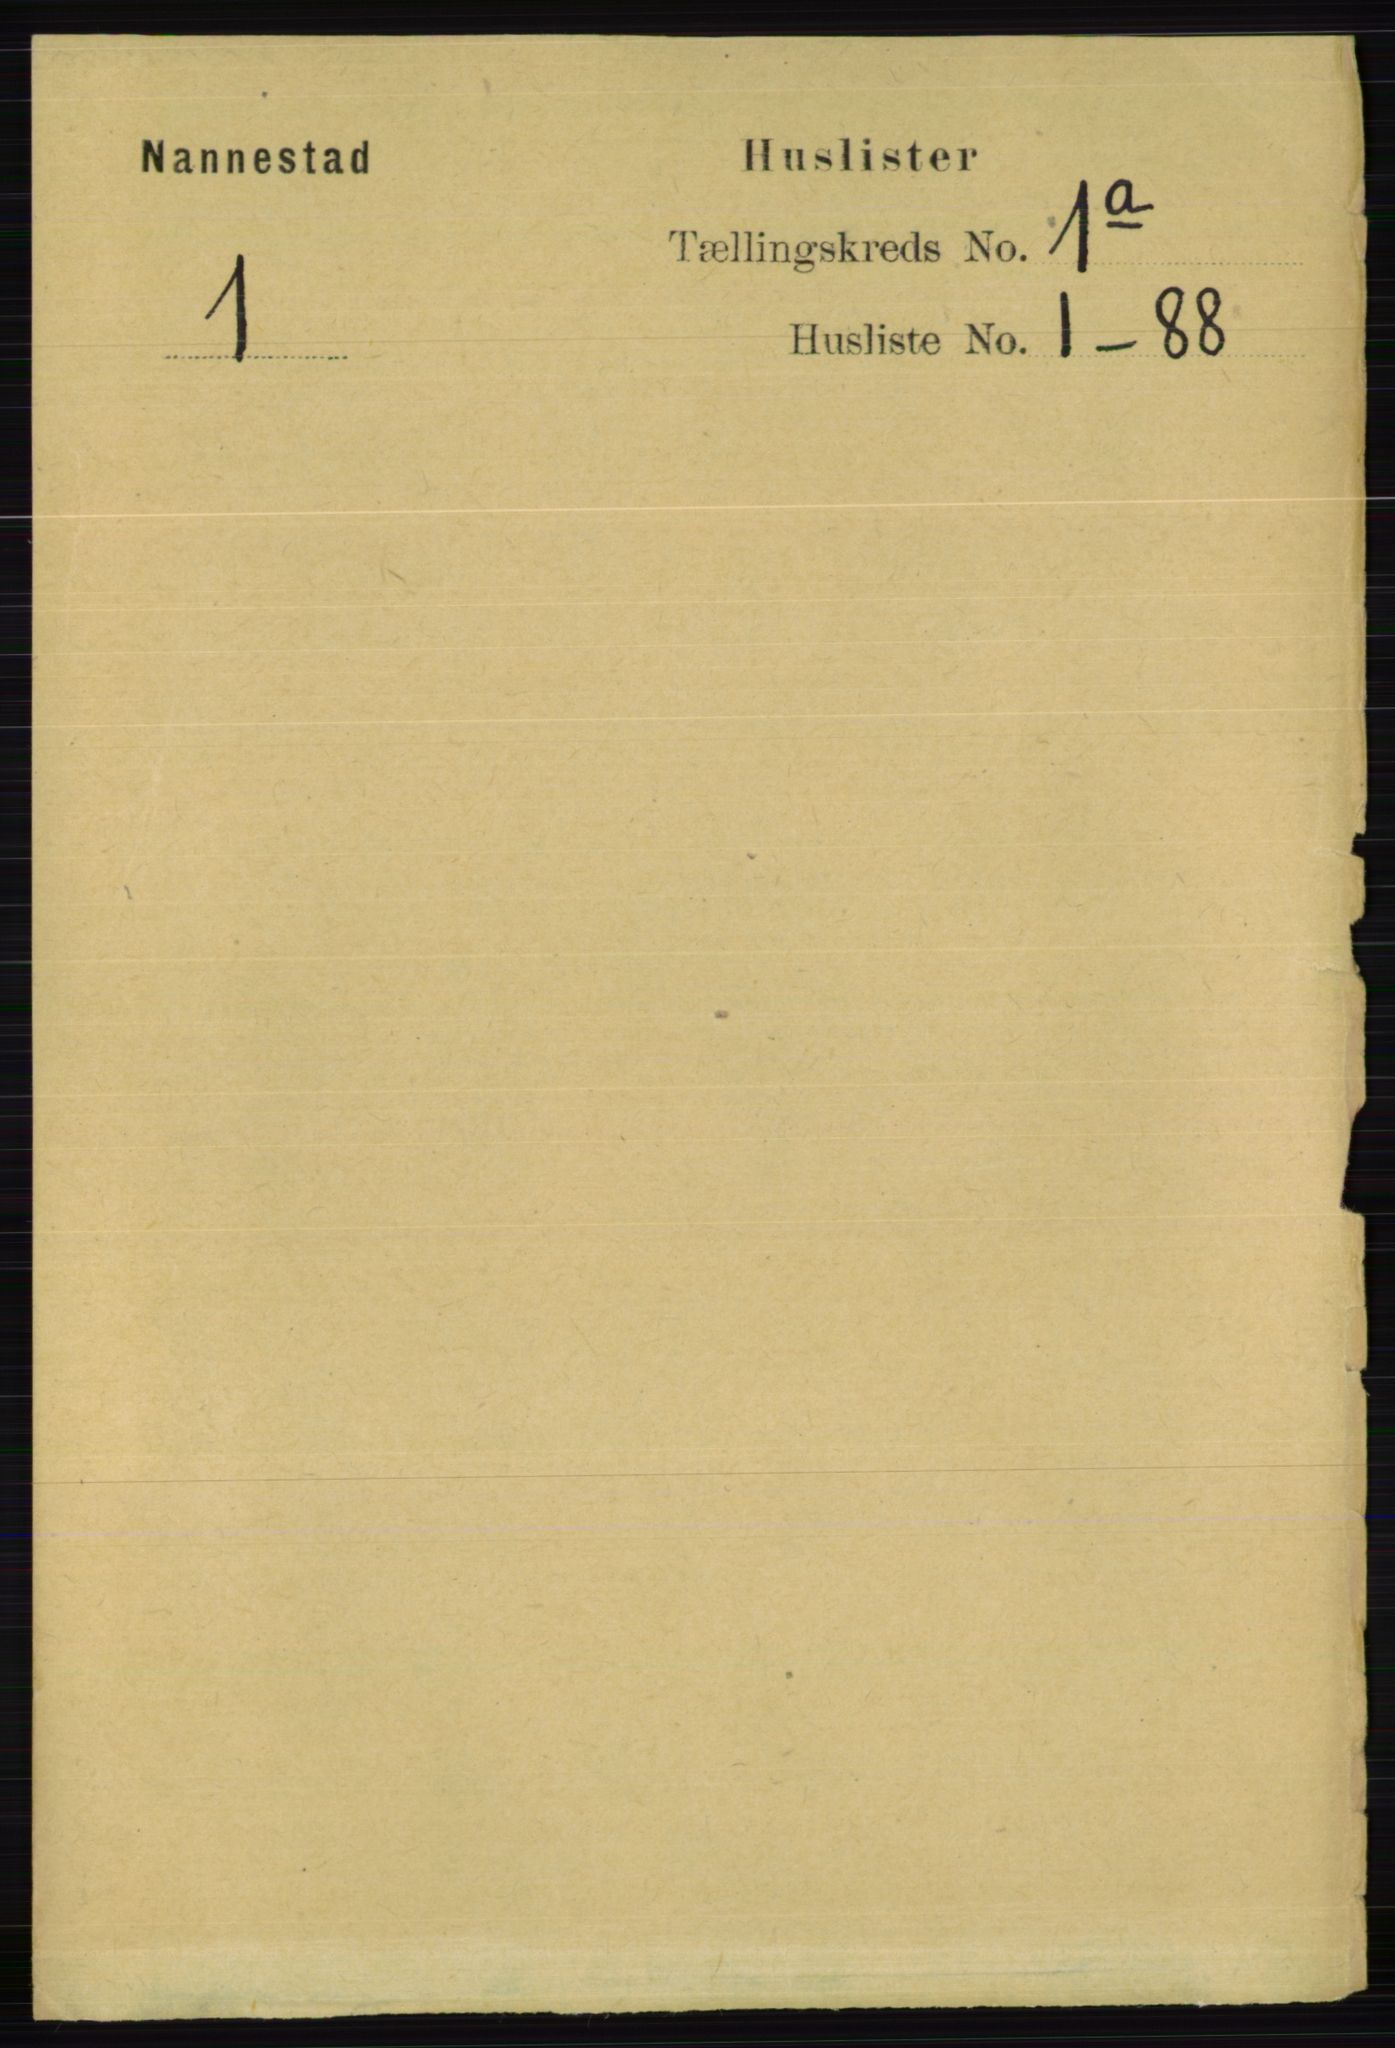 RA, Folketelling 1891 for 0238 Nannestad herred, 1891, s. 30